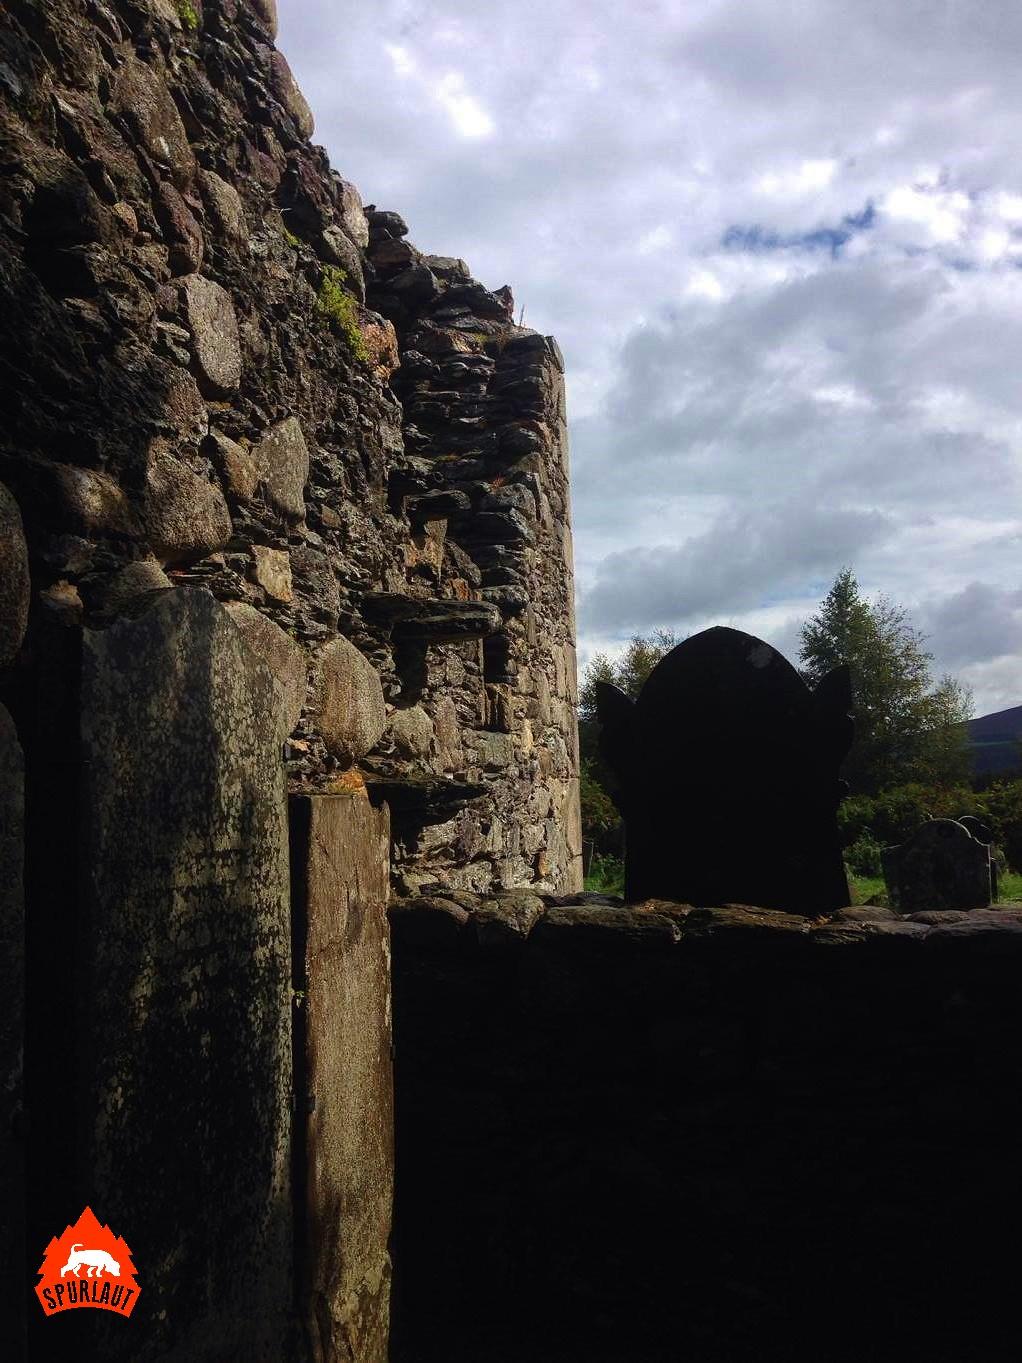 Historische Gebäude prägen an vielen Orten die Landschaft